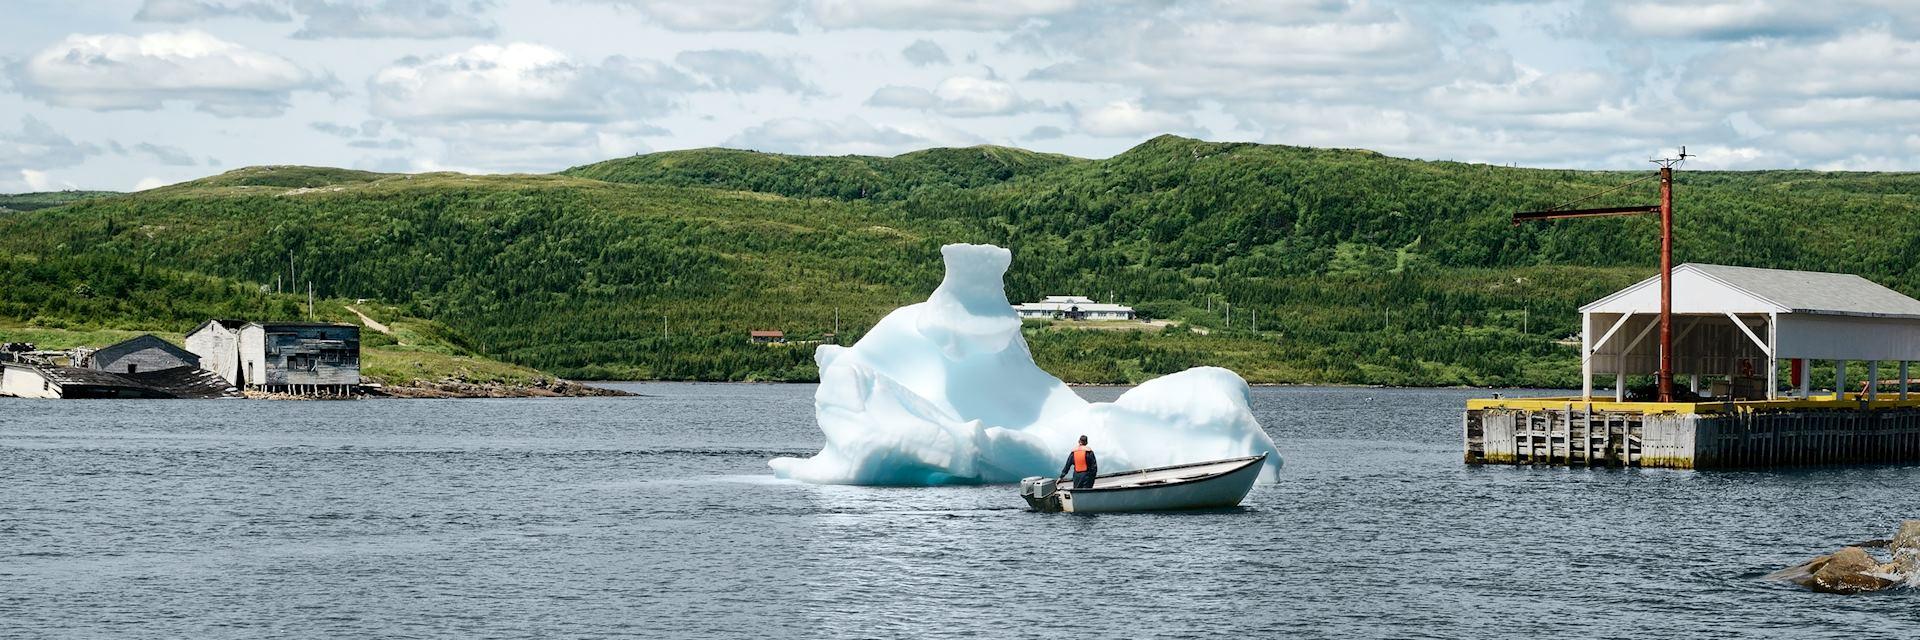 Red Bay, Newfoundland and Labrador